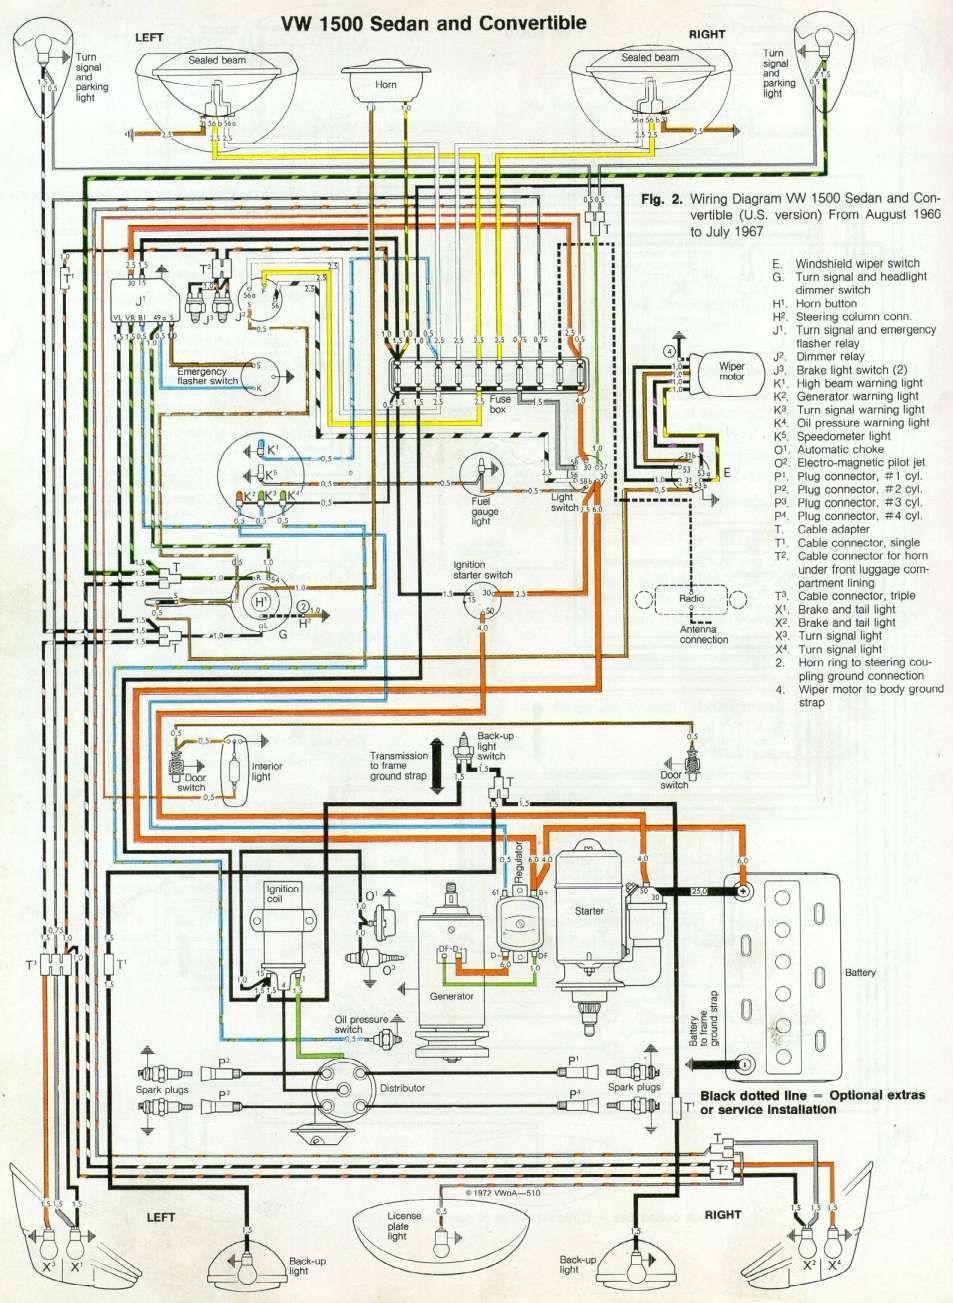 17 Air Cooled Vw Engine Wiring Diagram Engine Diagram Wiringg Net Vw Super Beetle Vw Beetles Vw Engine